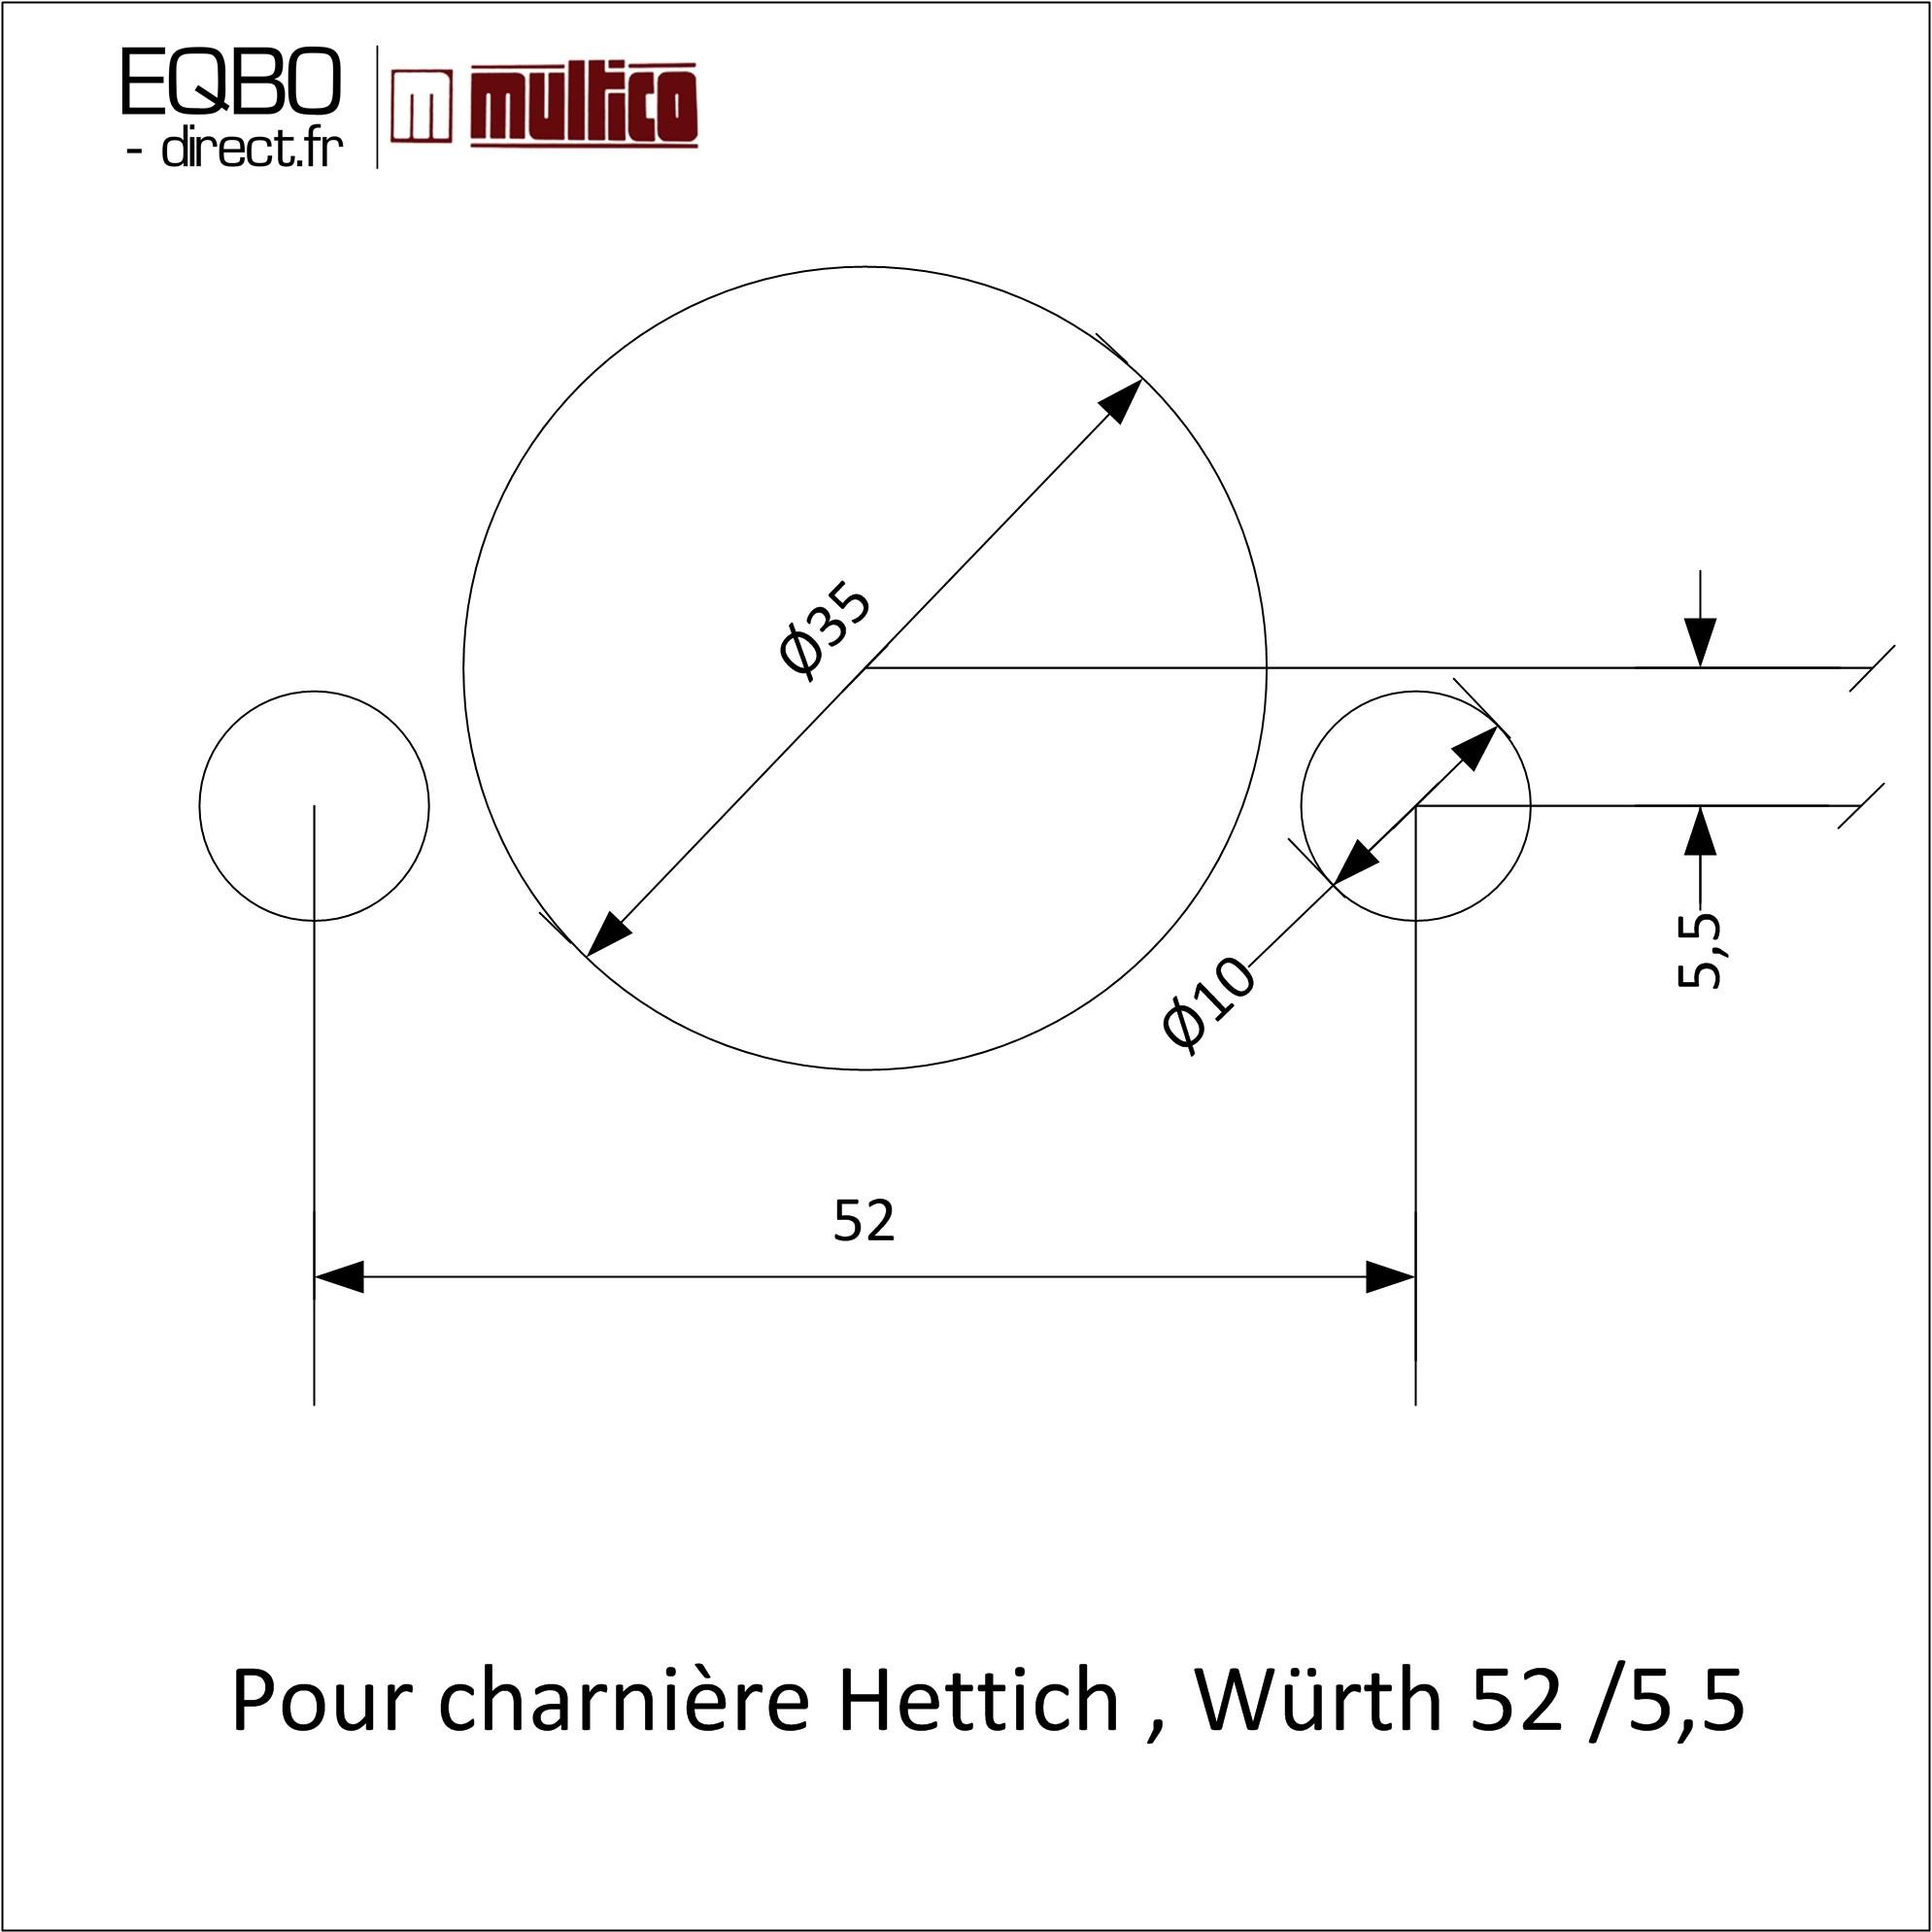 Perçage pour charniére Hettich